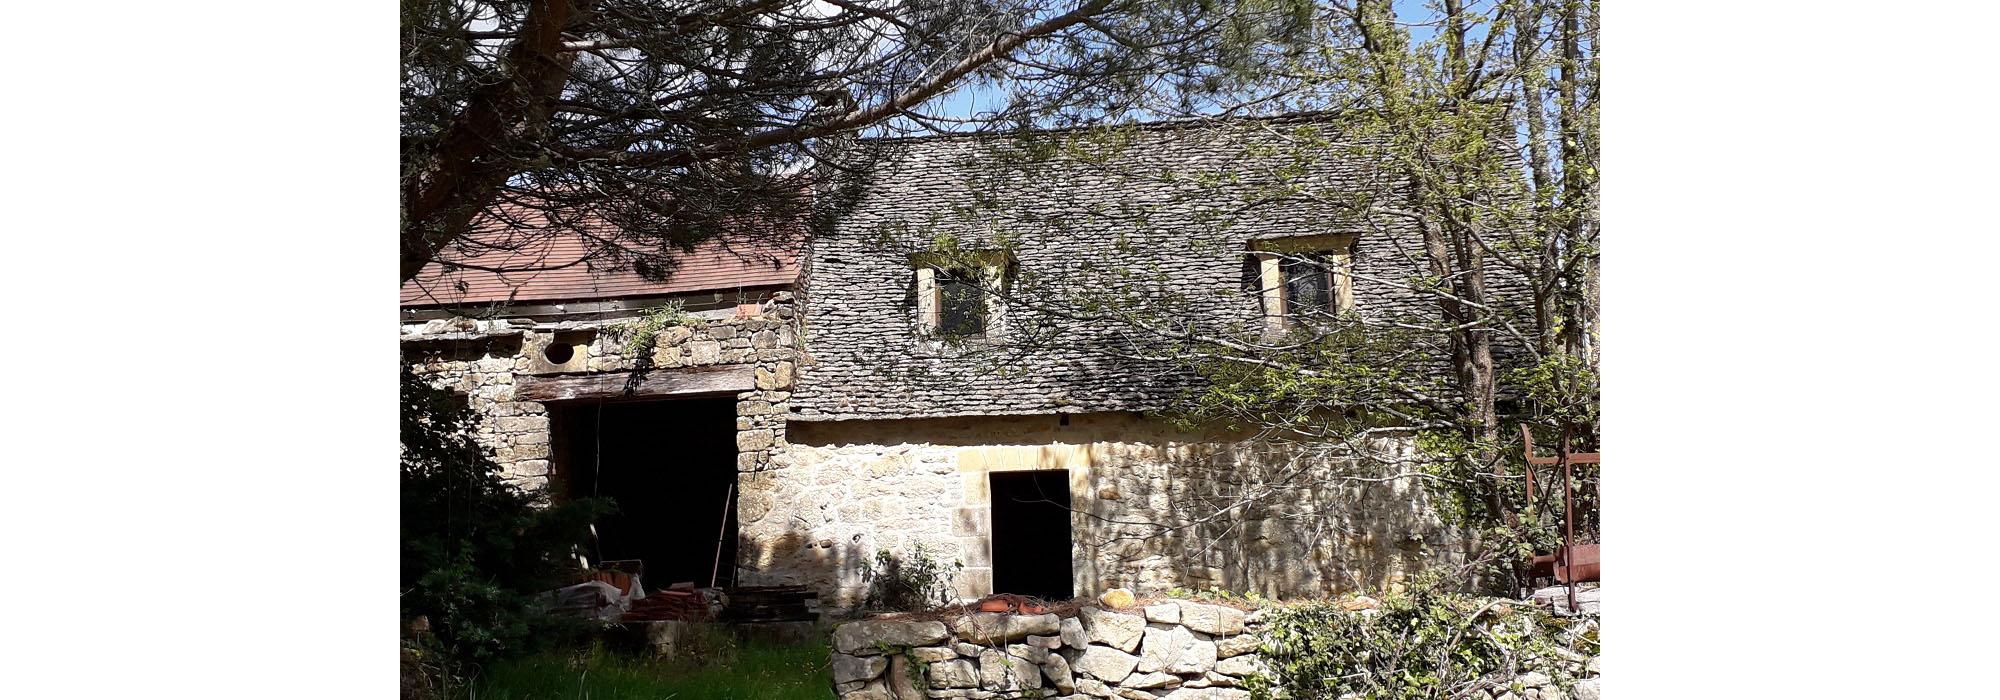 Maison de caractère, restauration à terminer, terrain